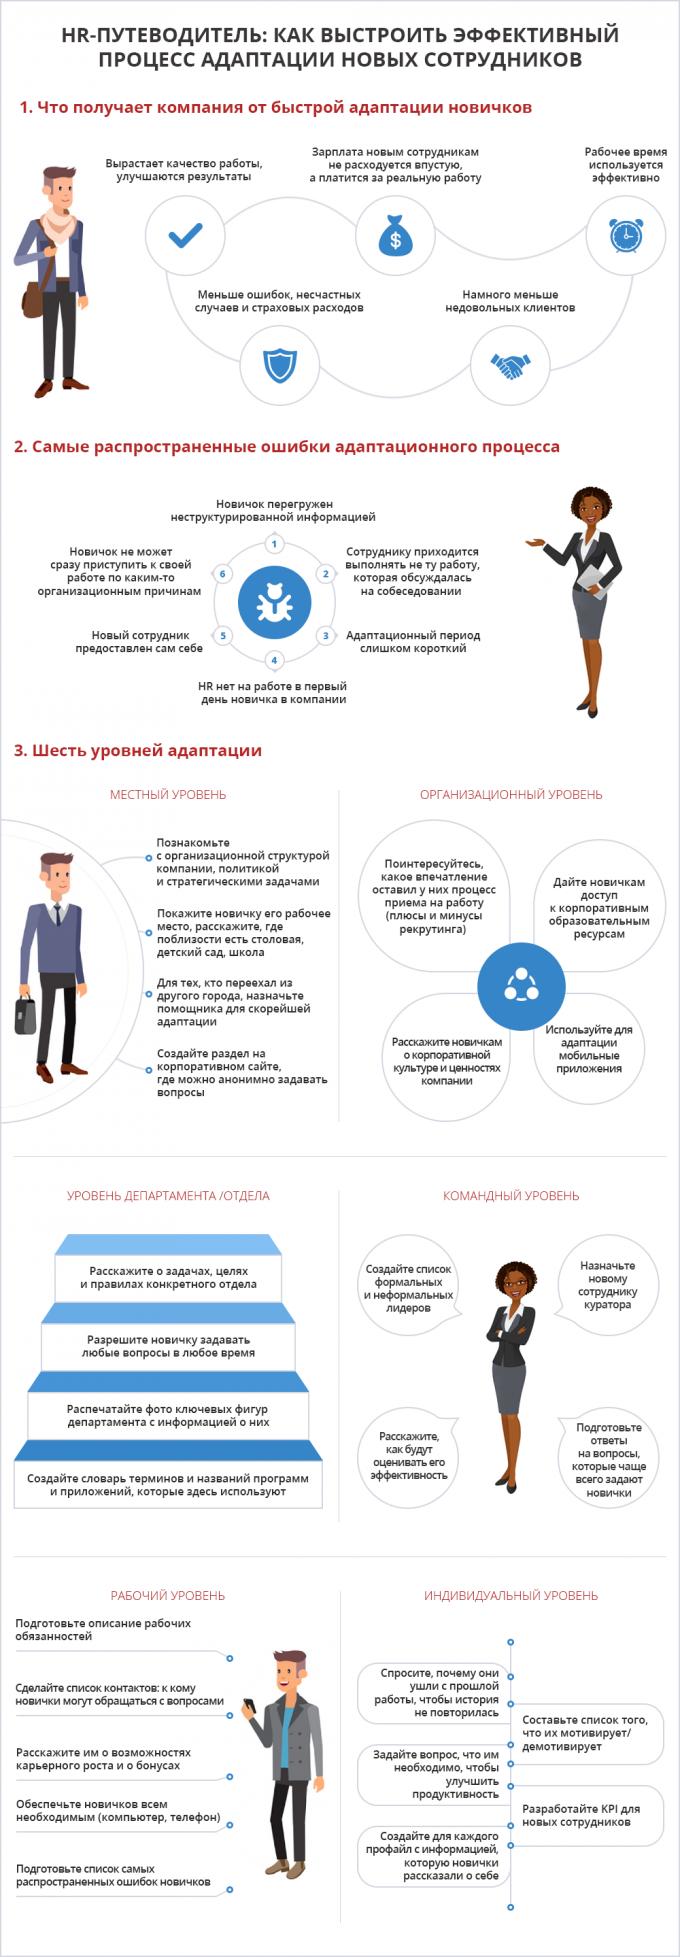 Инфографика 6 уровней адаптации нового сотрудника